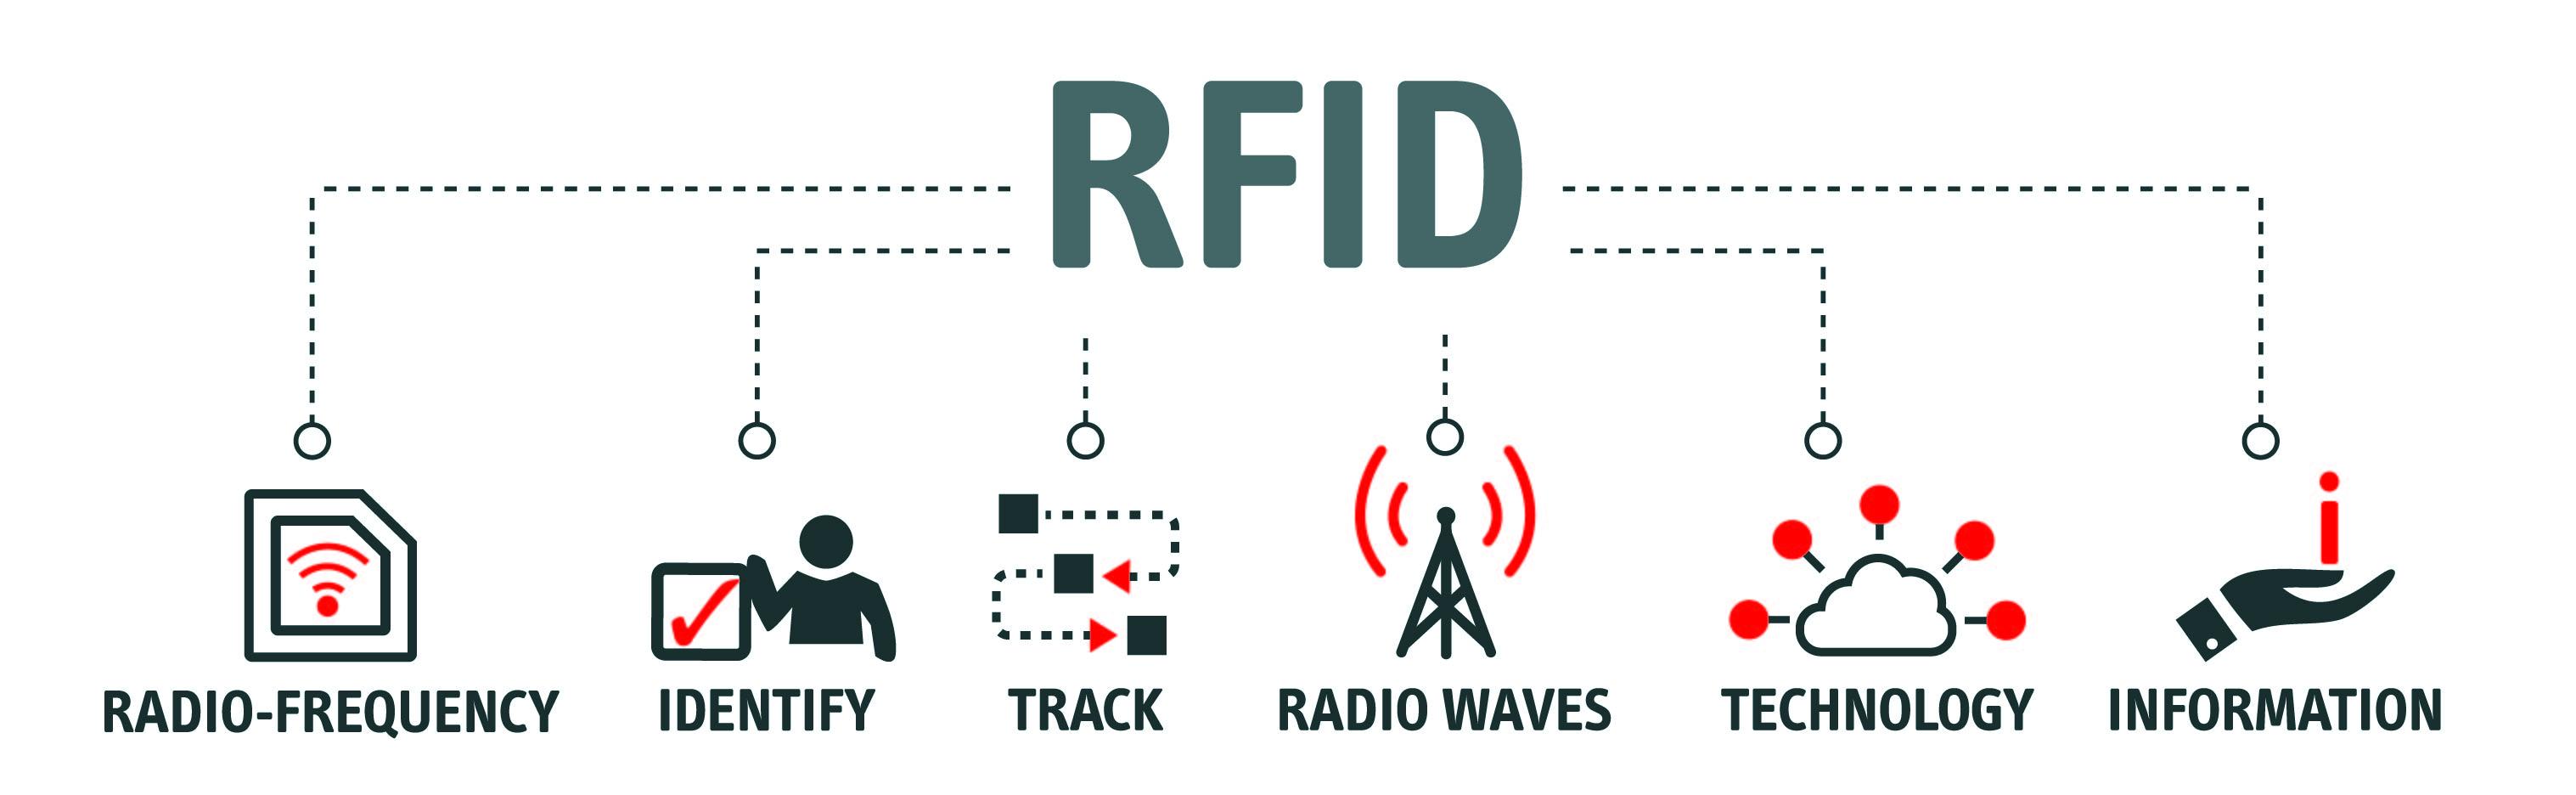 RFID AdobeStock_249367984 [Converted]